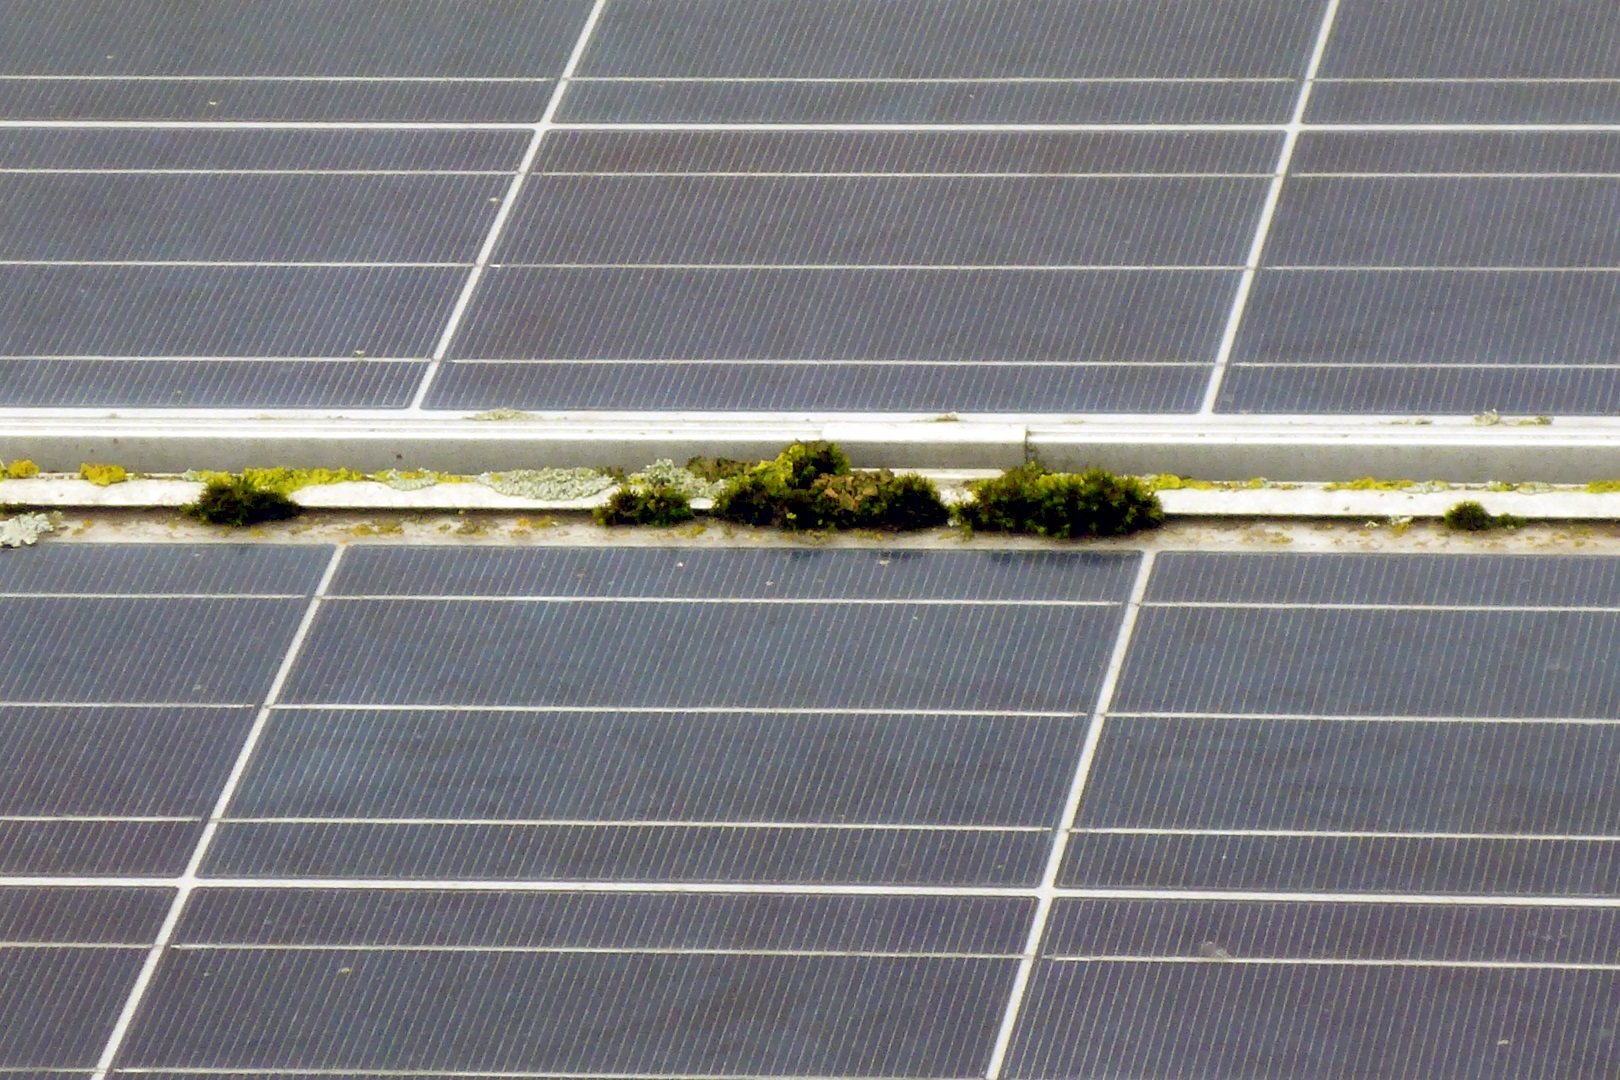 Flechten und Moos auf Photovoltaikanlagen durch Ausschwemmen nachhaltig beseitigen.